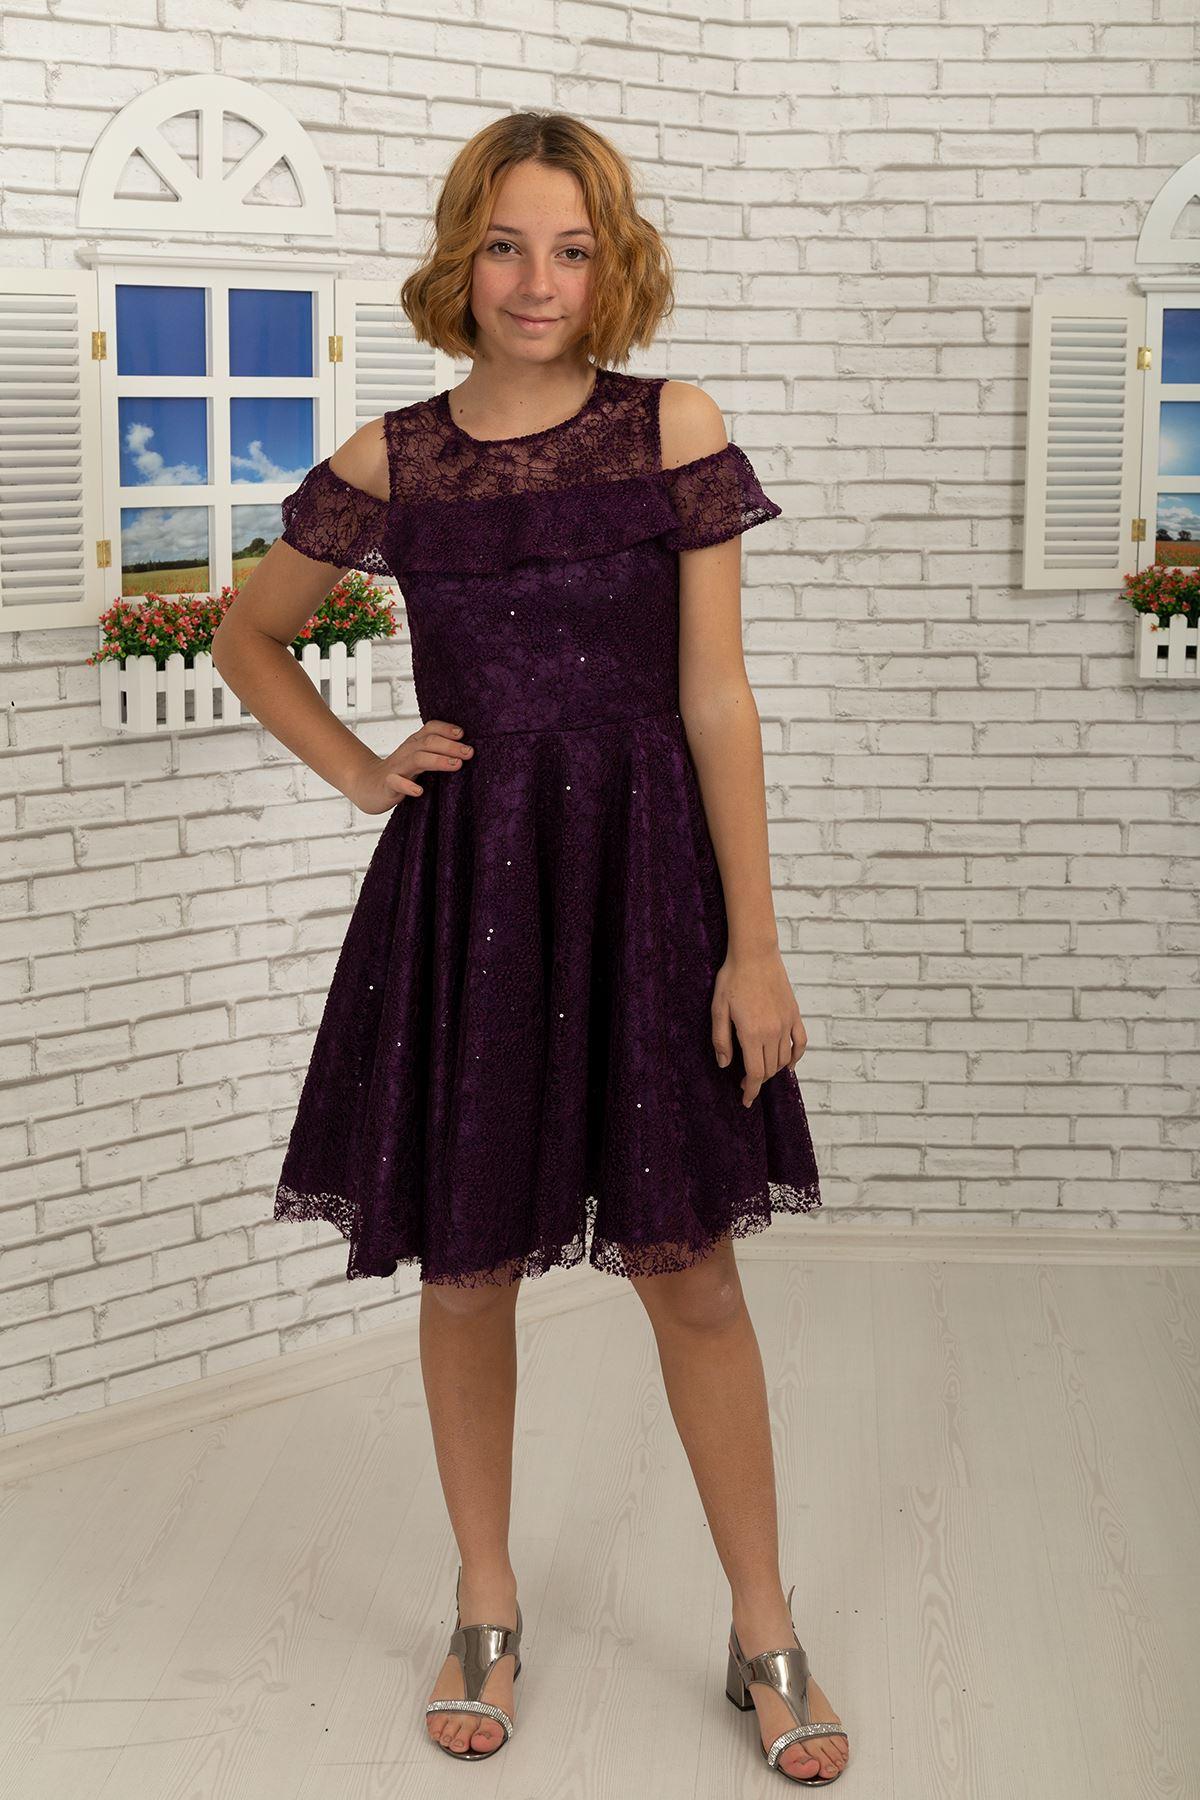 Λεπτομέρεια Ώμου, Δαντέλα Κοντή Φούστα Κορίτσι Βραδινό Φόρεμα 495 Damson Χρώμα